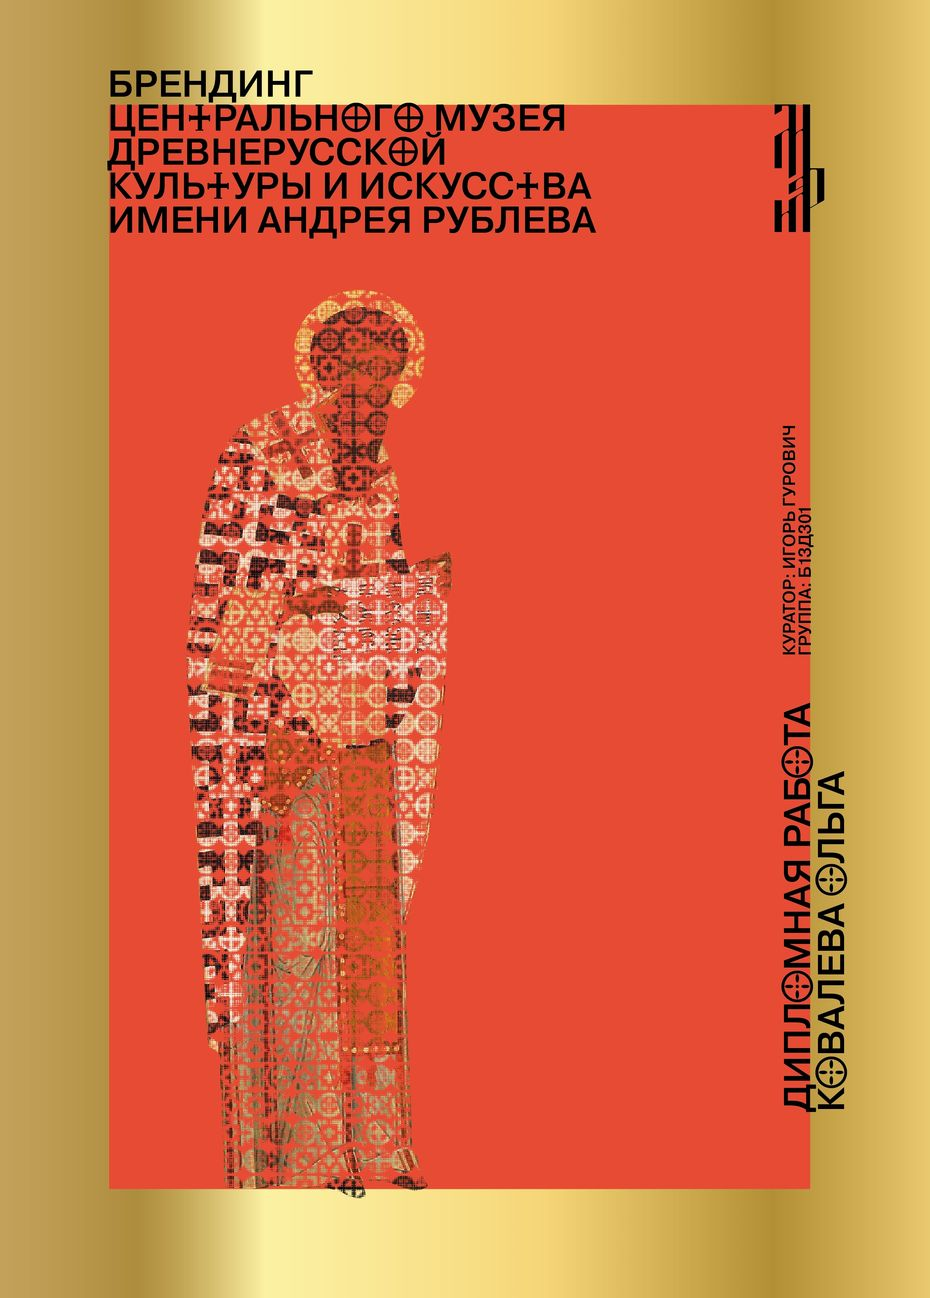 Брендинг музея Андрея Рублева